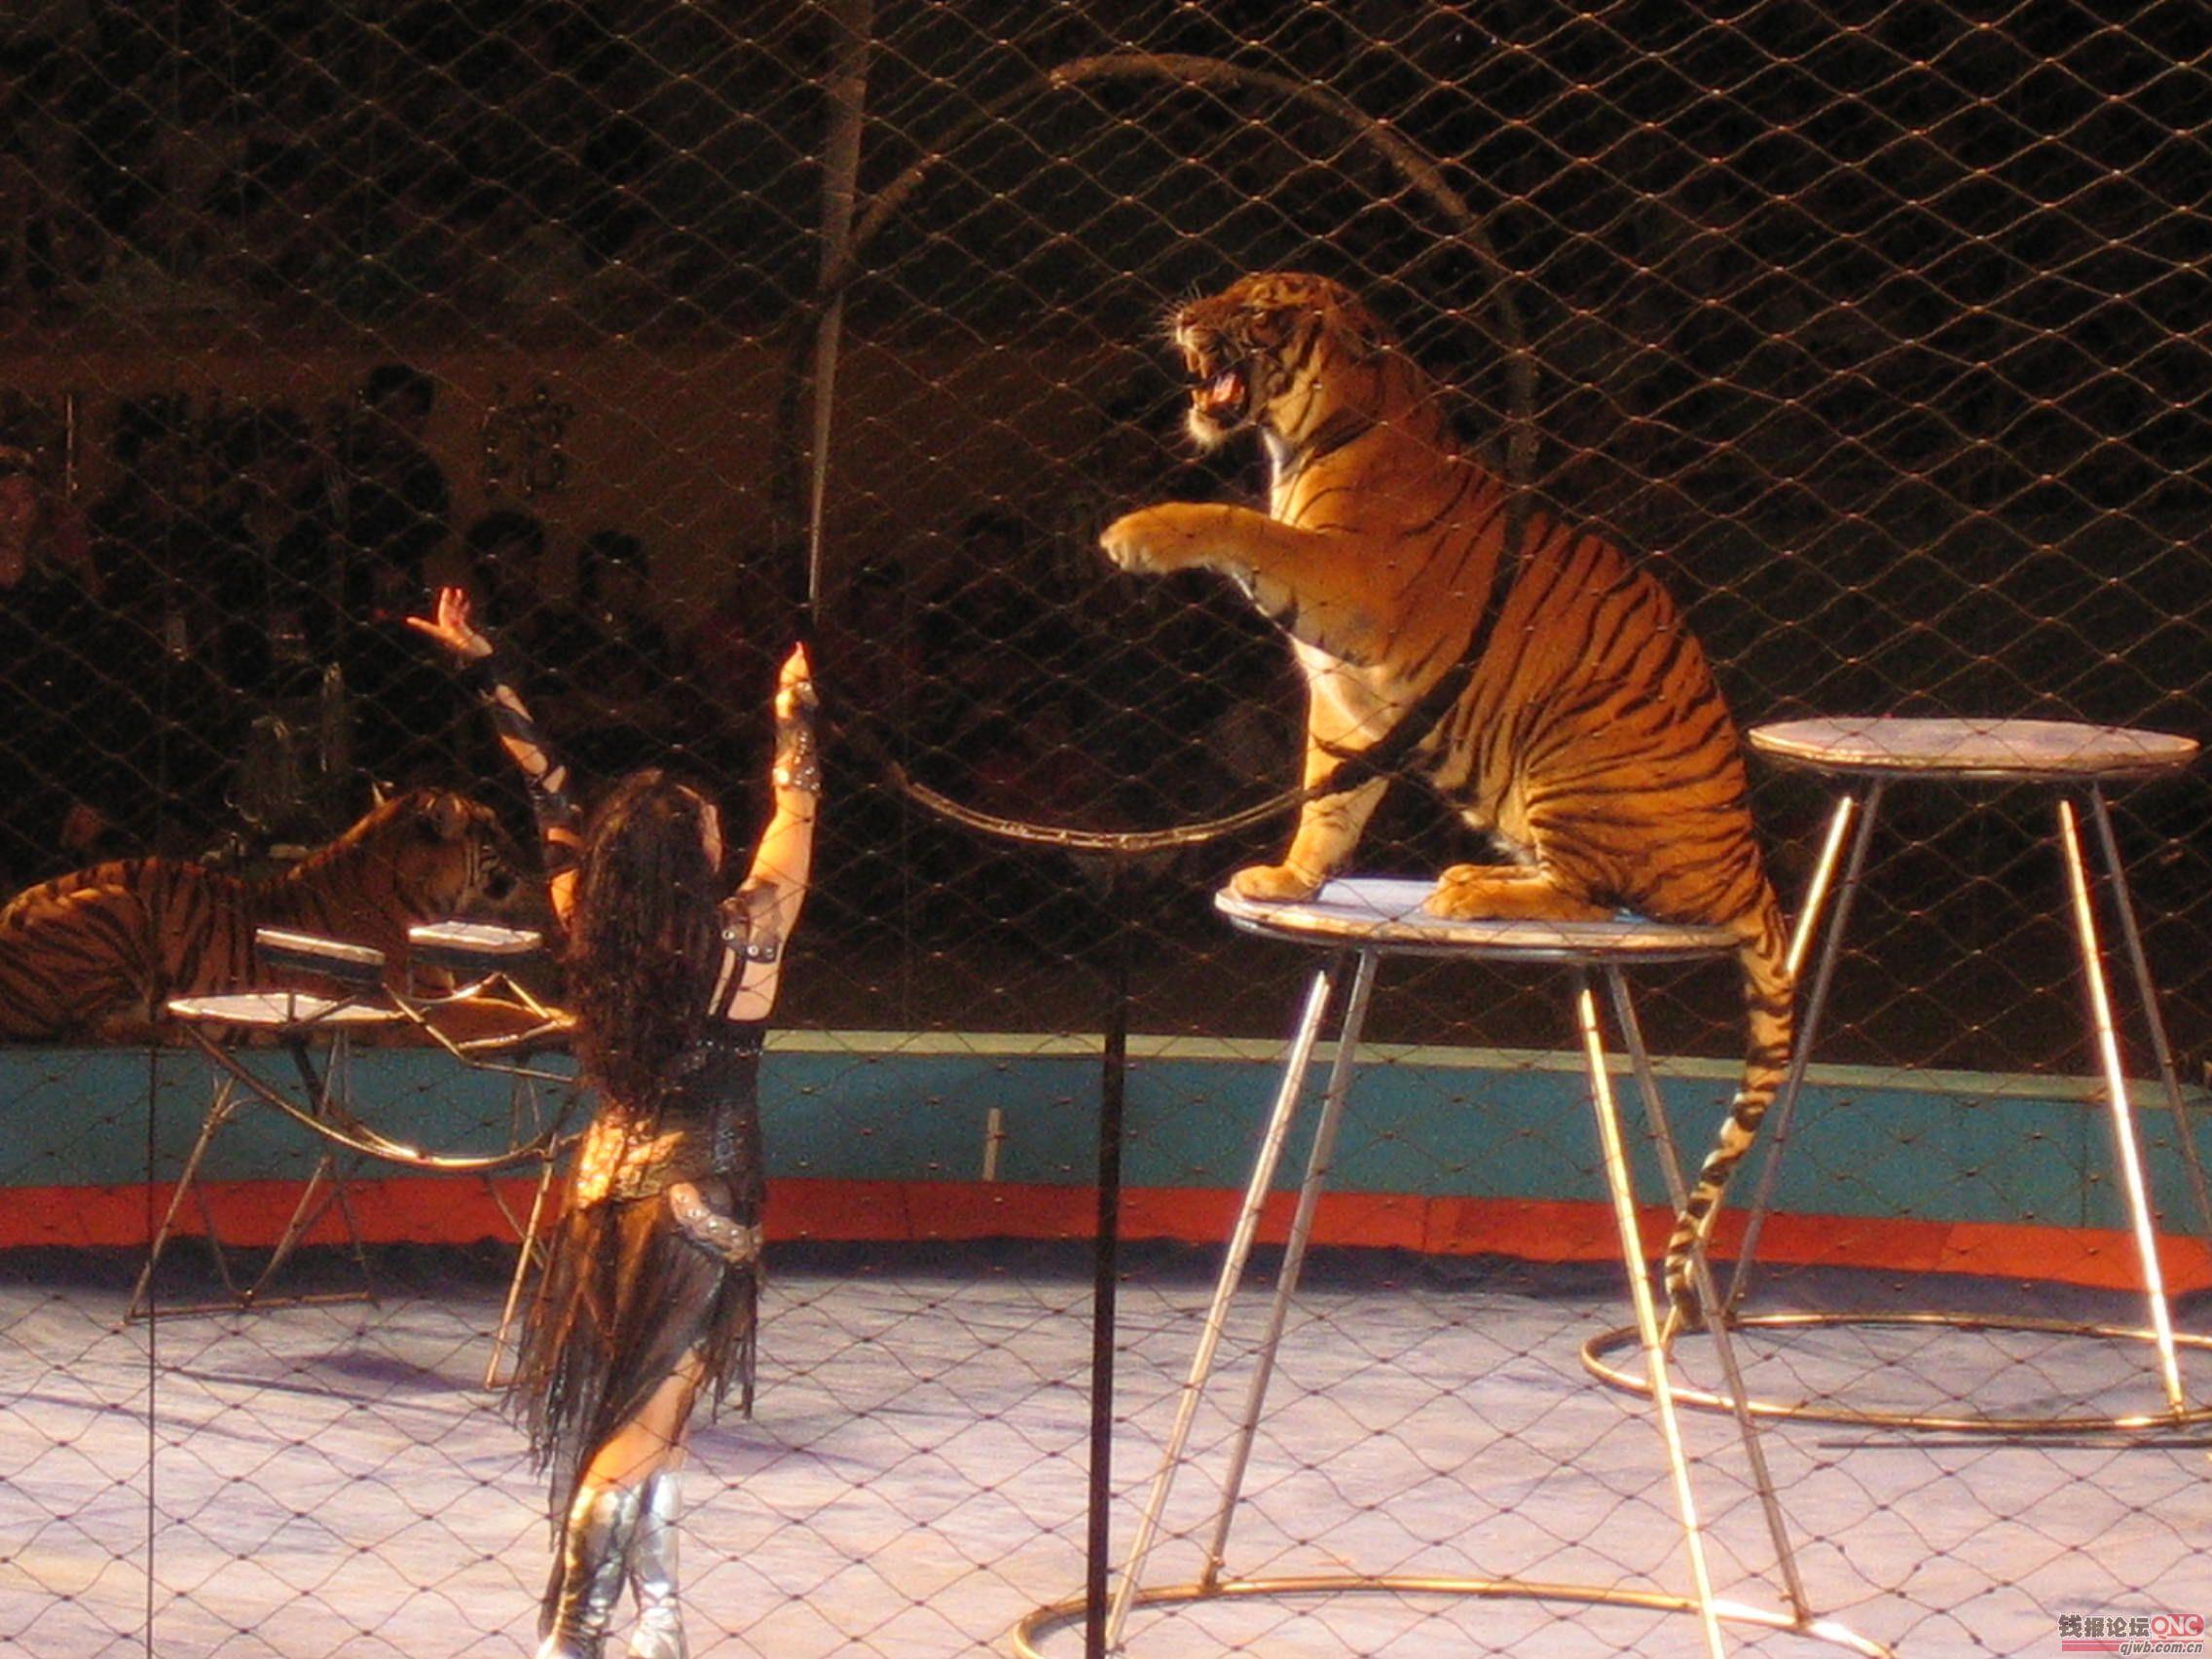 马戏团,企鹅展,杂技表演,&nbsp&nbsp&nbsp羊驼出租,海洋动物展,鹦鹉